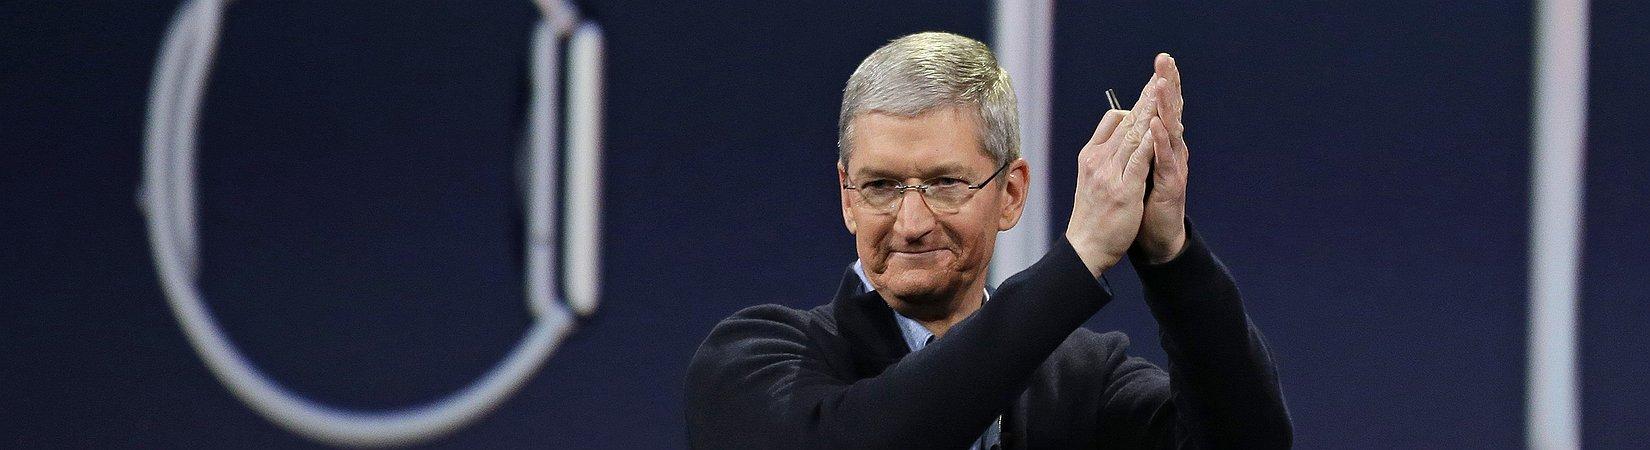 Apple: a marca mais valiosa do mundo pelo quinto ano consecutivo